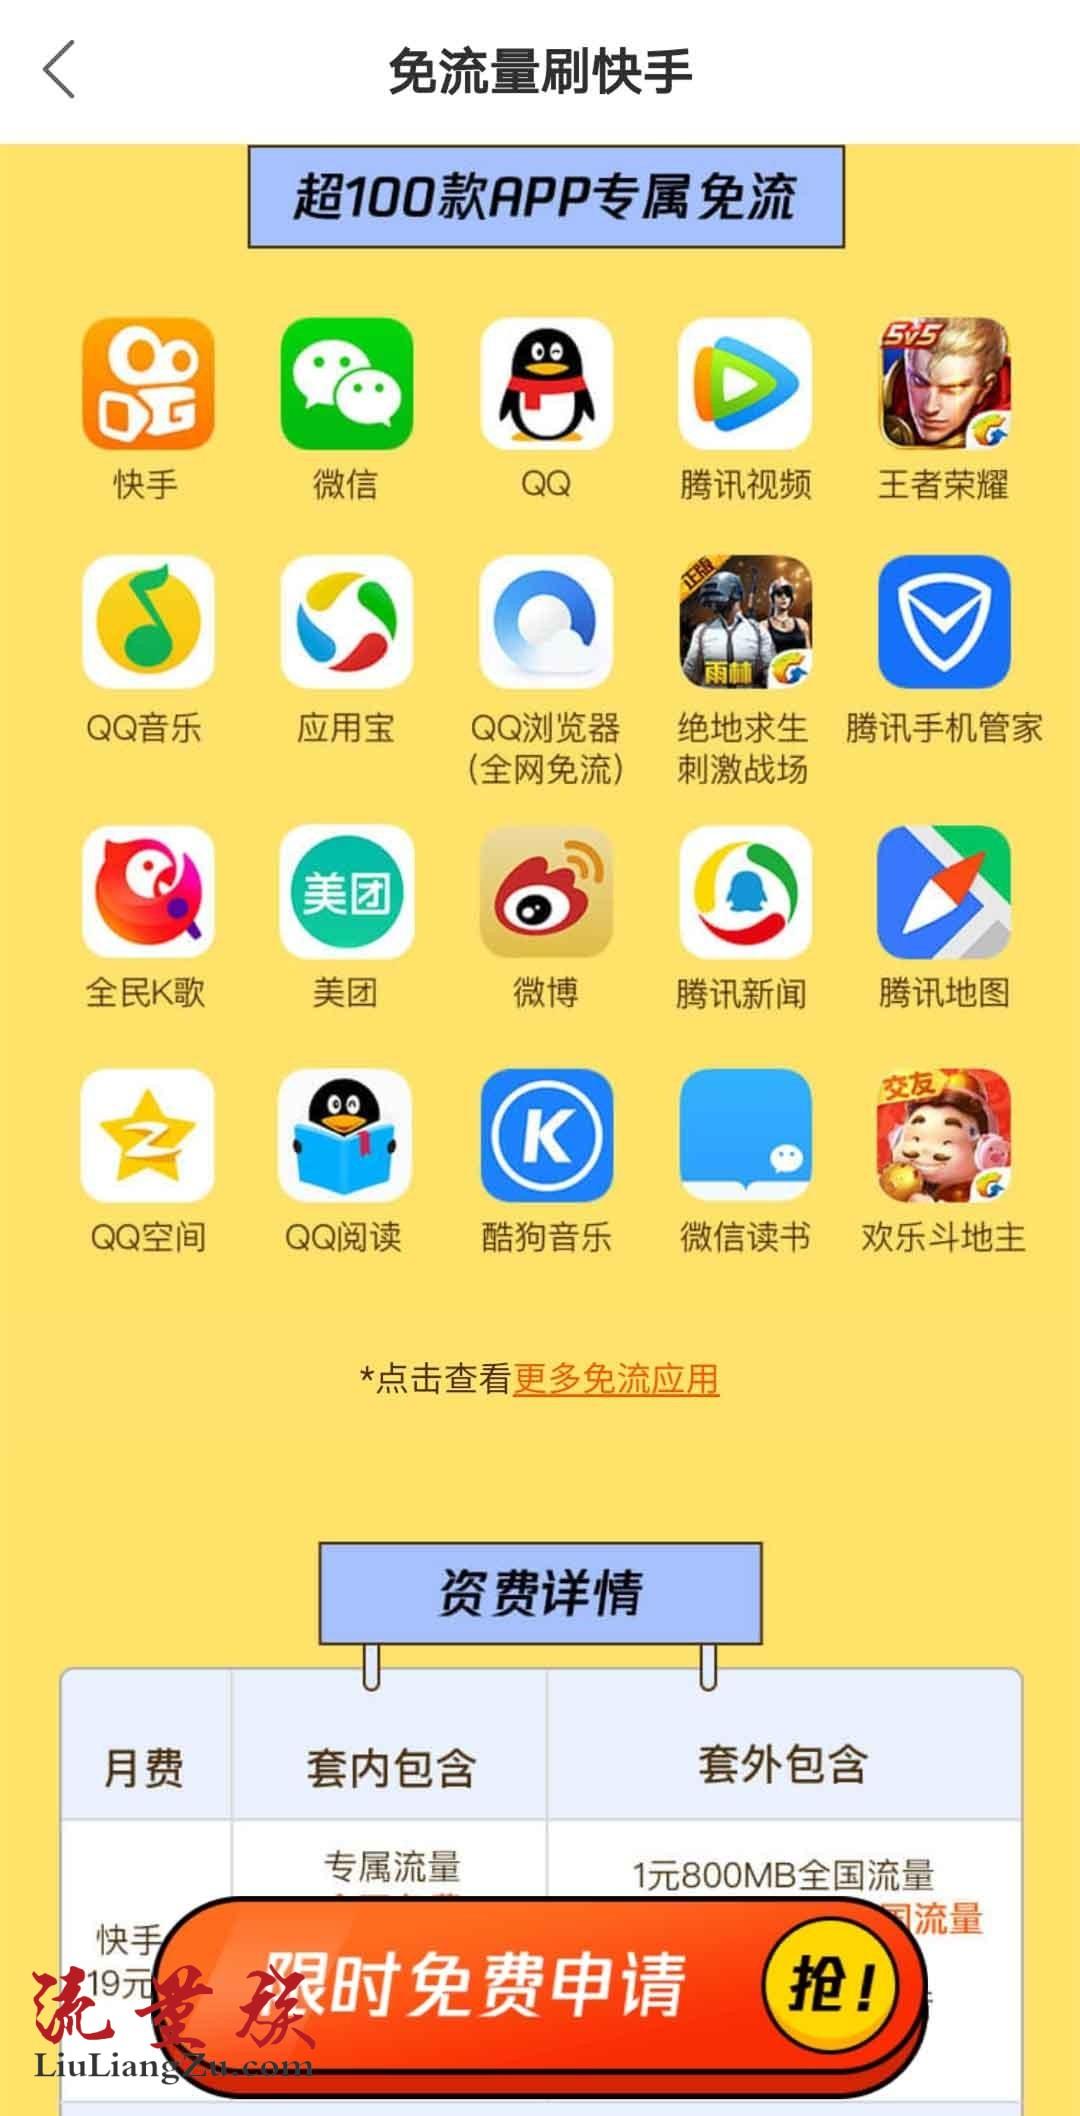 中国联通快手卡19元套餐资费多少如何申请,和王卡比哪个好